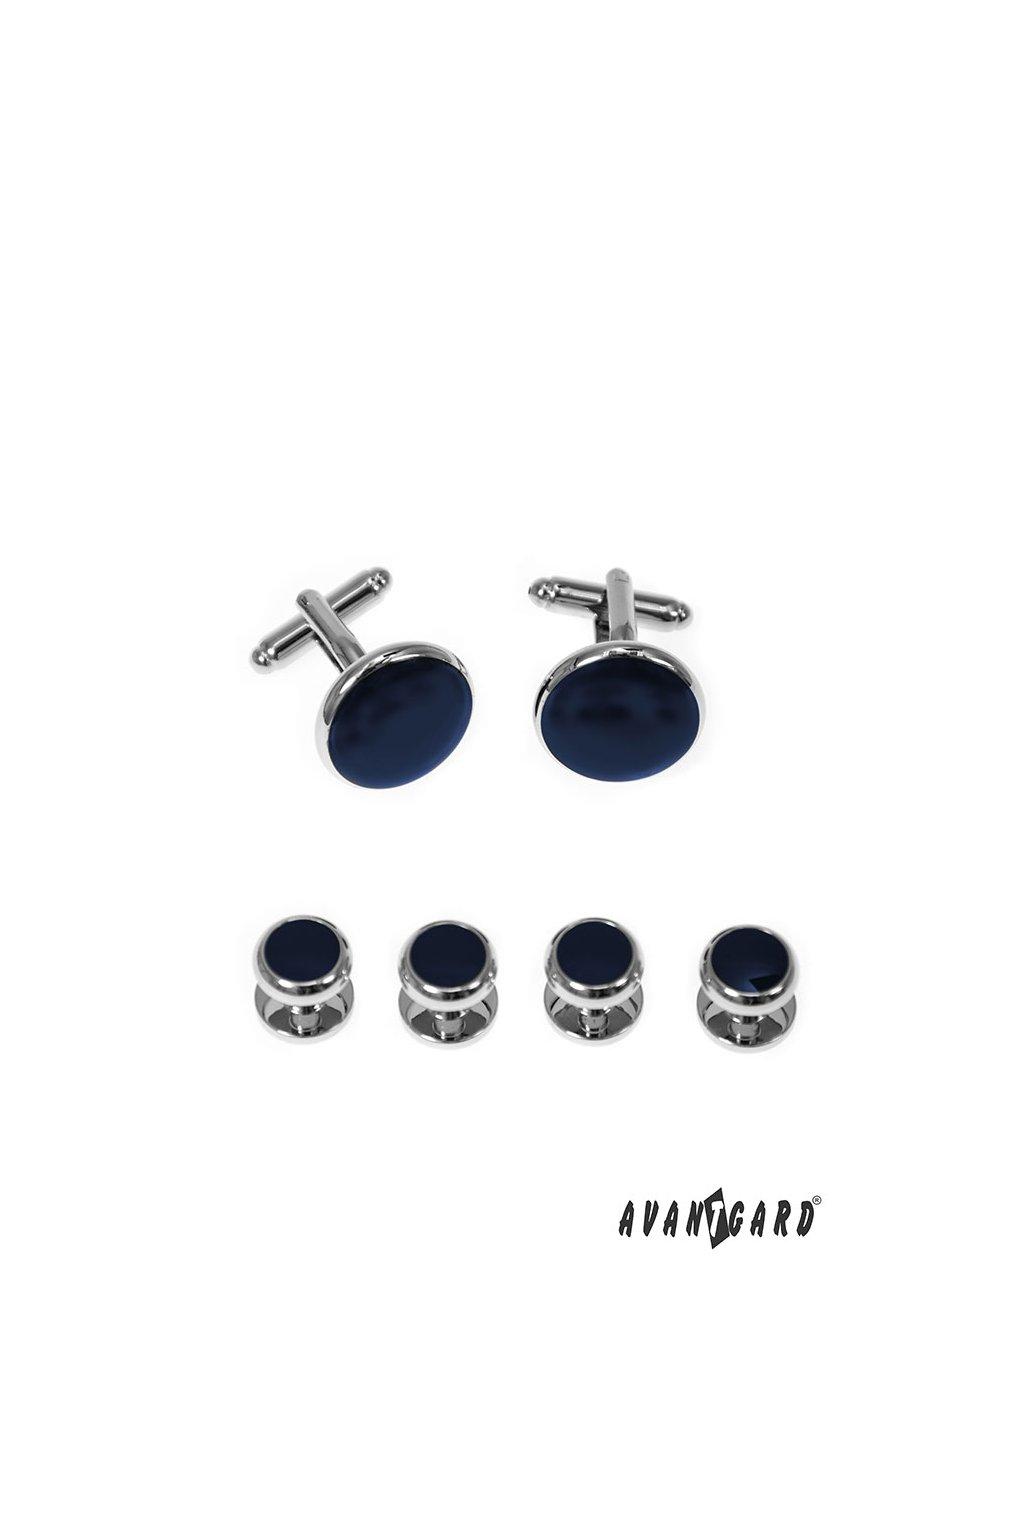 Sada knoflíčků do frakové košile, 590-20204, Stříbrná lesk/modrá